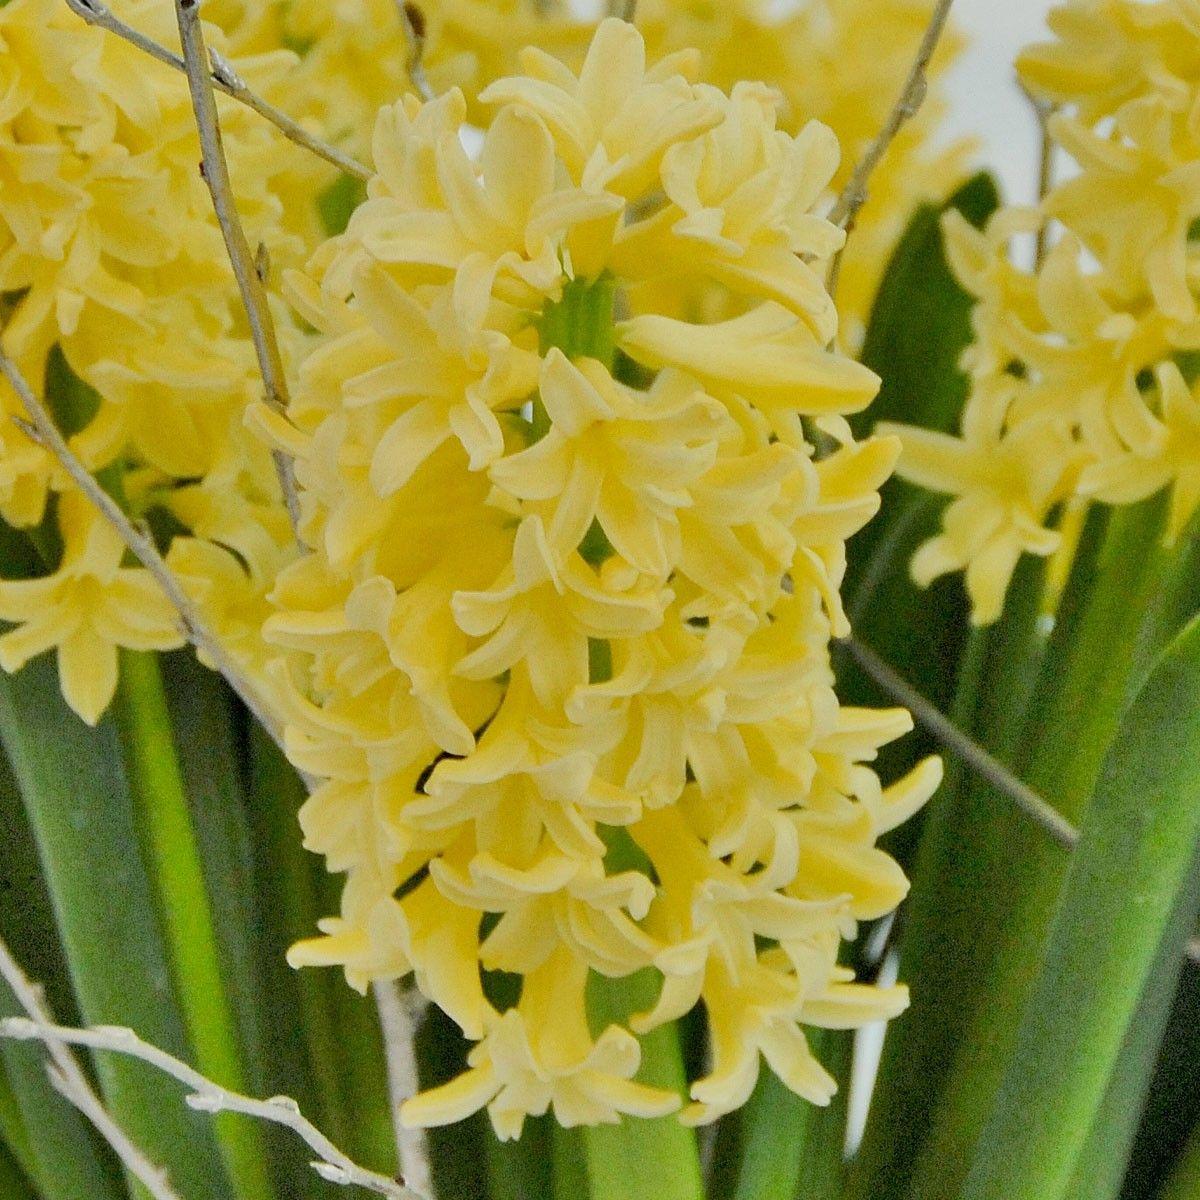 Hyacinthus Yellowstone - diese Hyazinthe blüht in einem seltenen zarten Gelbton. Sie lässt sich sehr gut mit anderen Zwiebelblumen kombinieren - Narzissen, Traubenhyazinthen, ... Pflanzzeit: Herbst. Online bestellbar bei www.fluwel.de